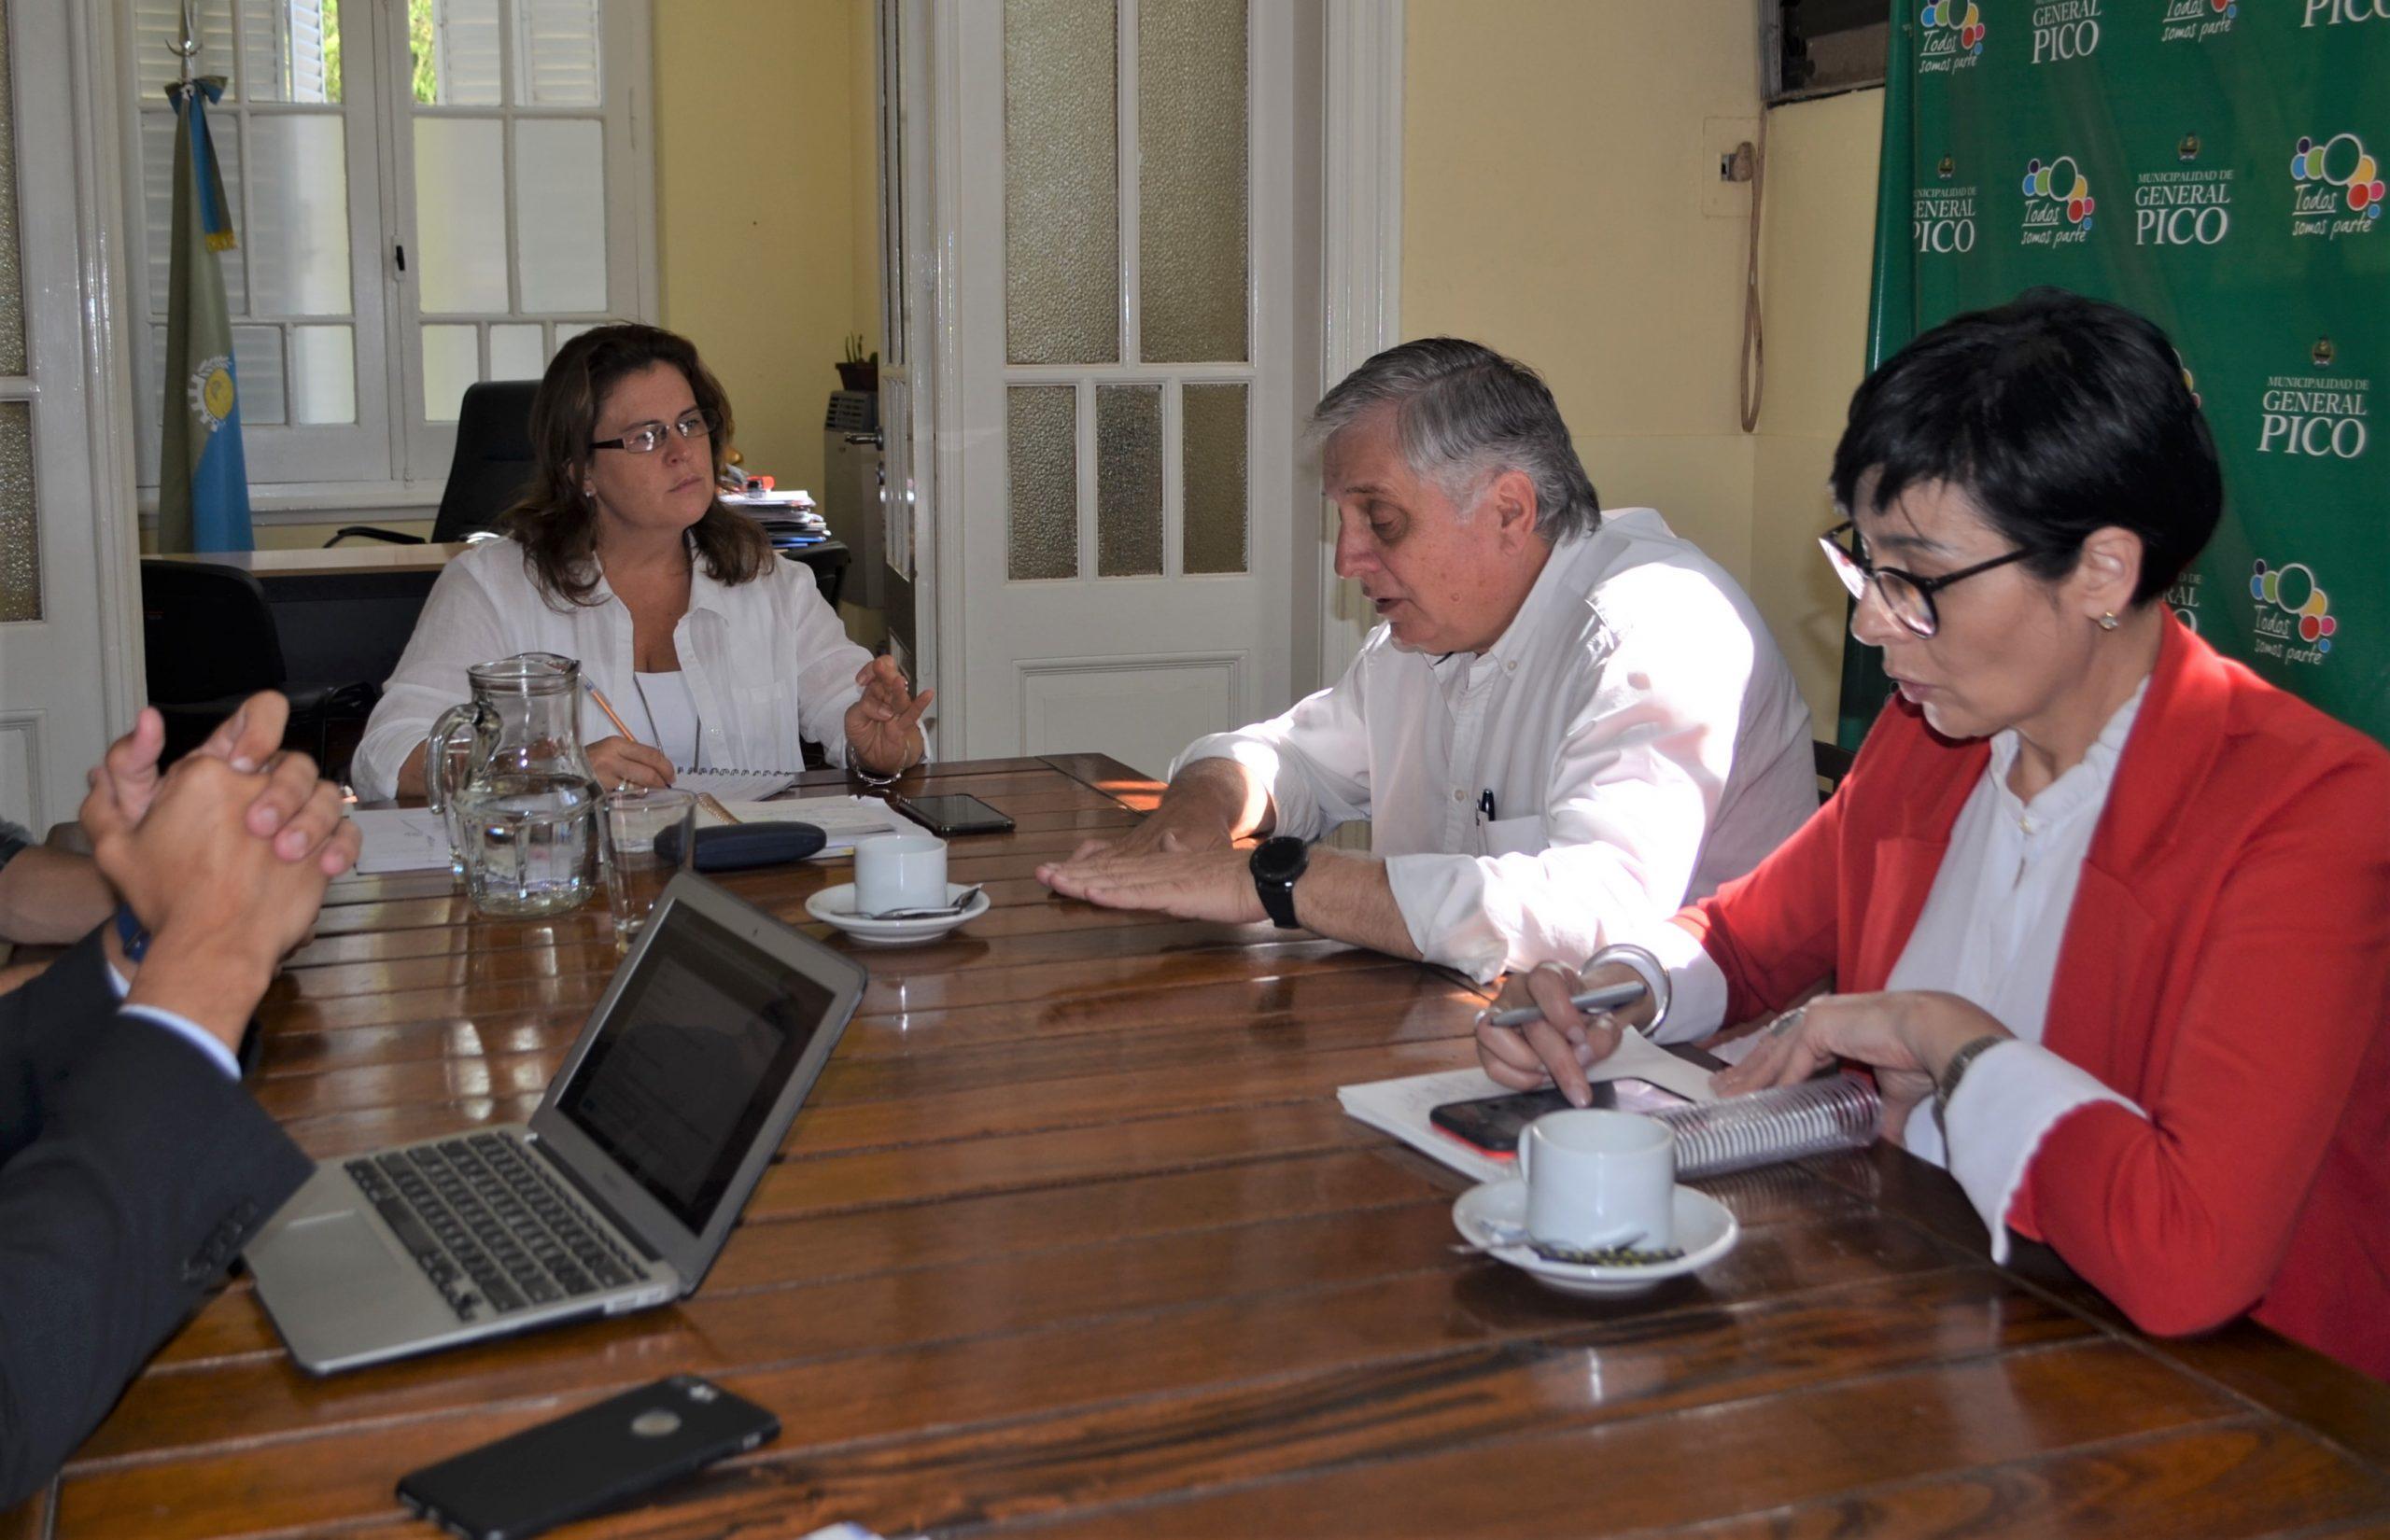 El ministro de la Producción, Ricardo Moralejo, visitó el palacio municipal piquense